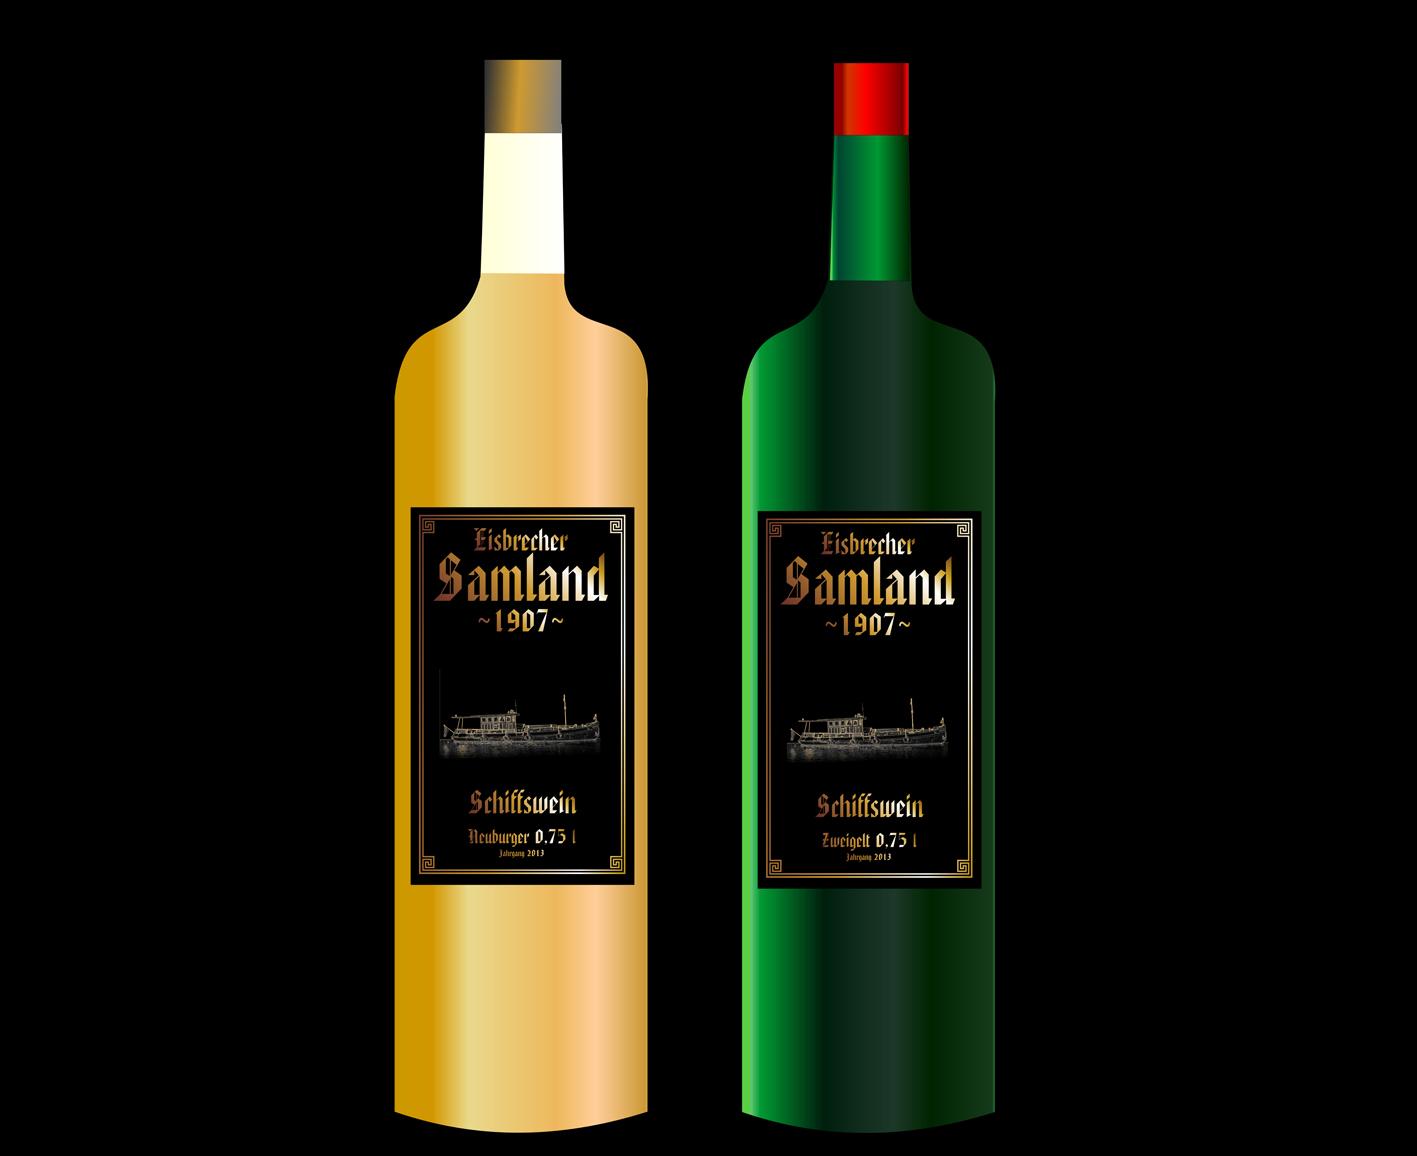 6.) Werbegeschenk Schiffswein, Zeichnung, wird derzeit vom Winzer befüllt.